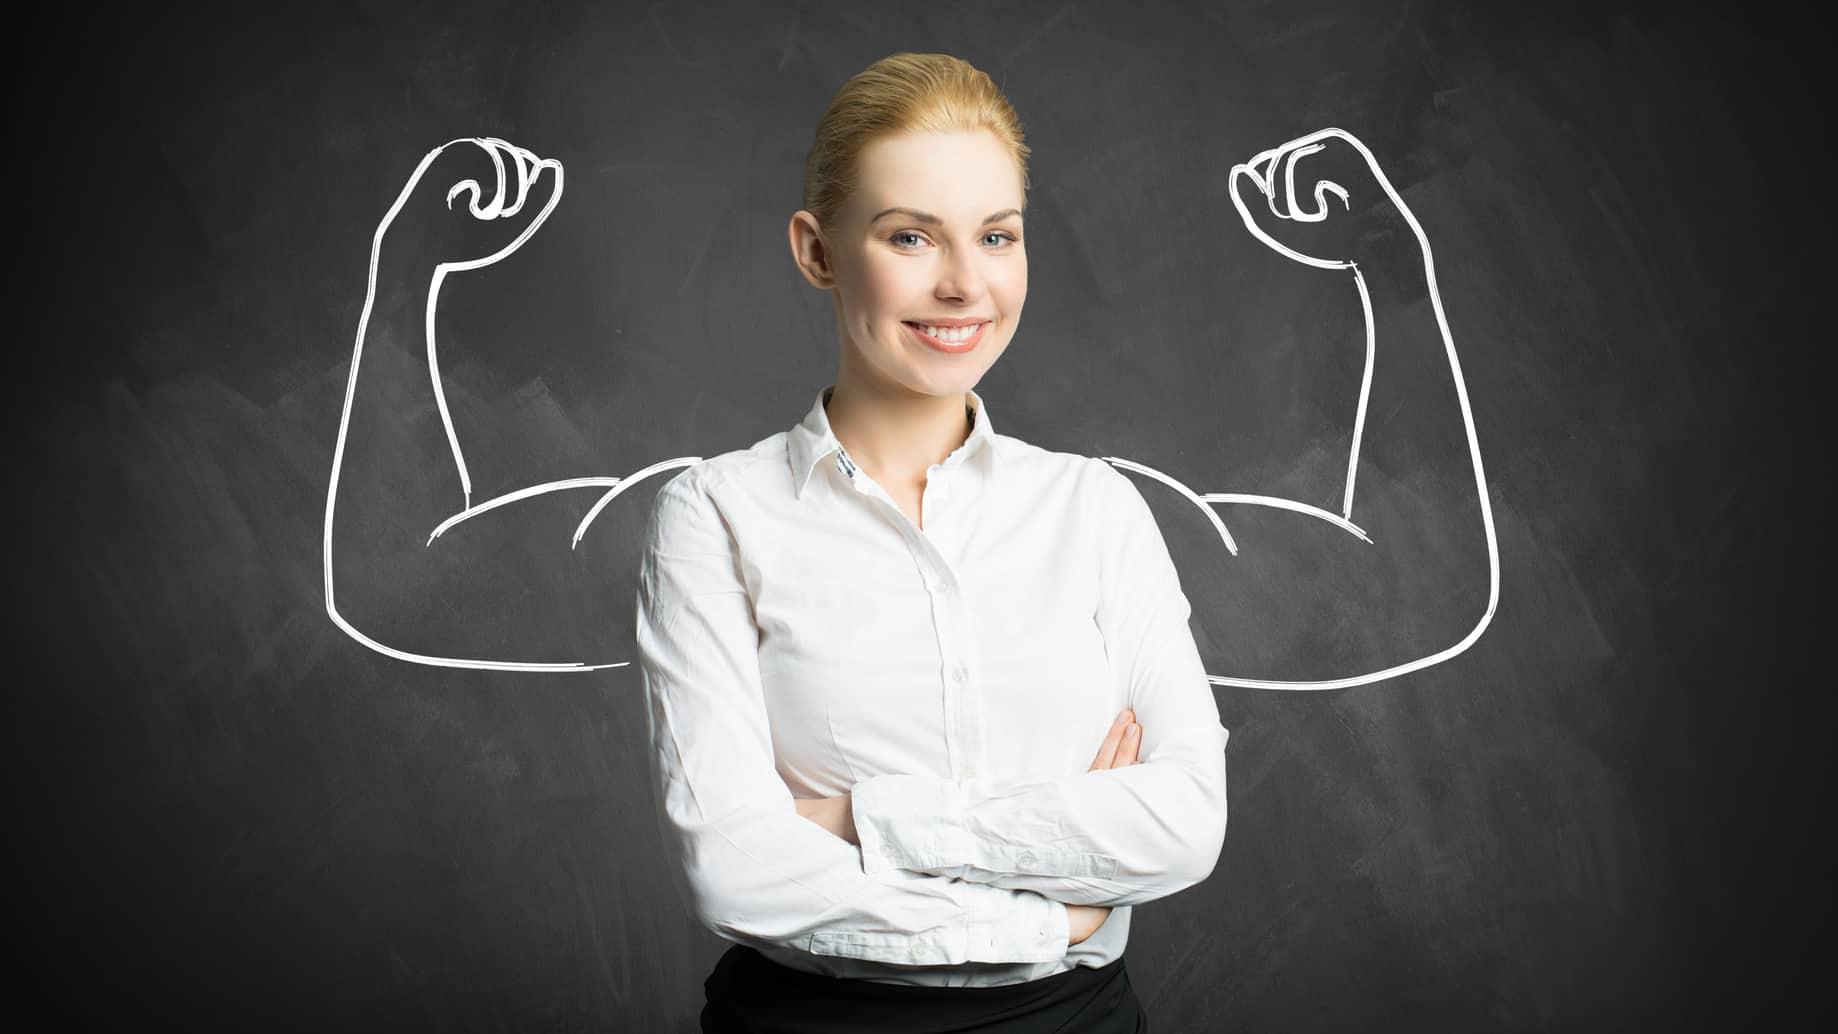 Junge erfolgreiche, weibliche Führungskraft, die Coachingskills hat. Coaching und Leadership für Spitzenteams